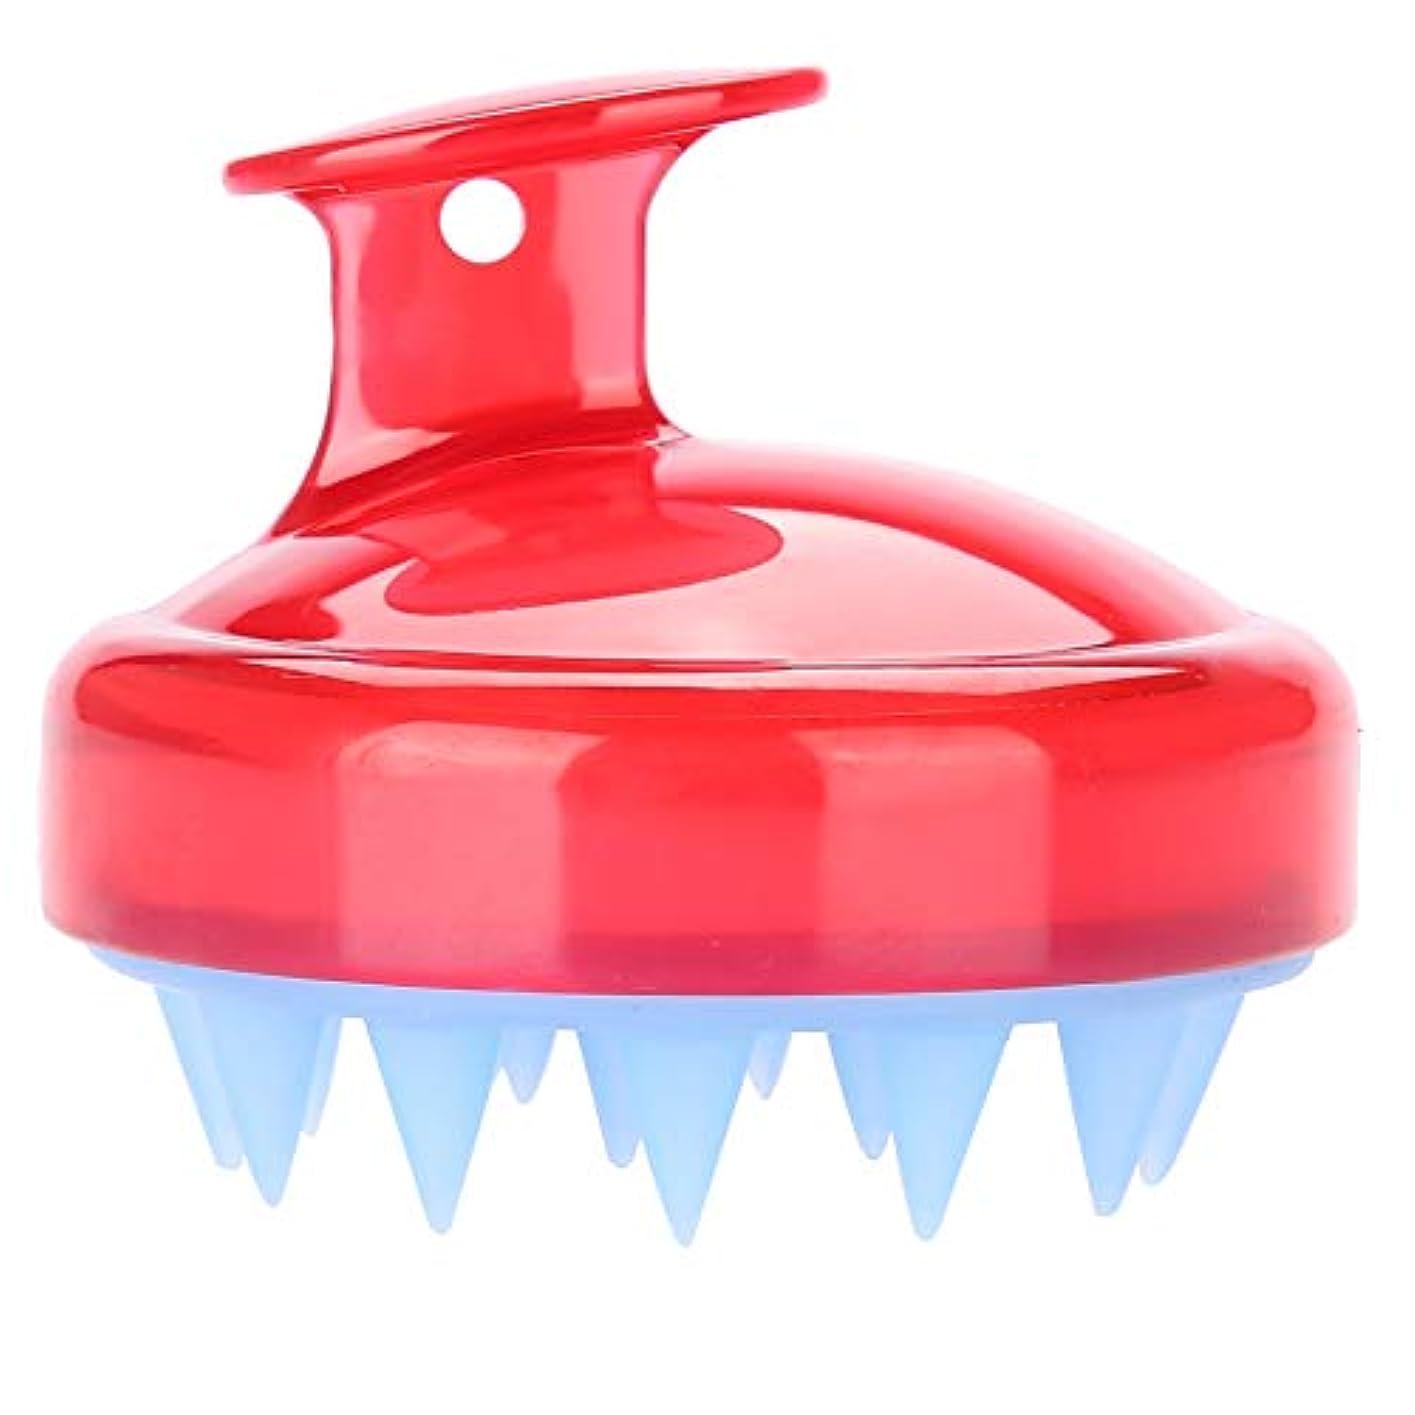 ゴミ箱を空にする盆地さようなら5色マッサージャーヘッド - スカルプマッサージャー、マッサージャーブラシヘッドシャンプー - ボディ洗浄マッサージャーのためのシャワーブラシ(赤)